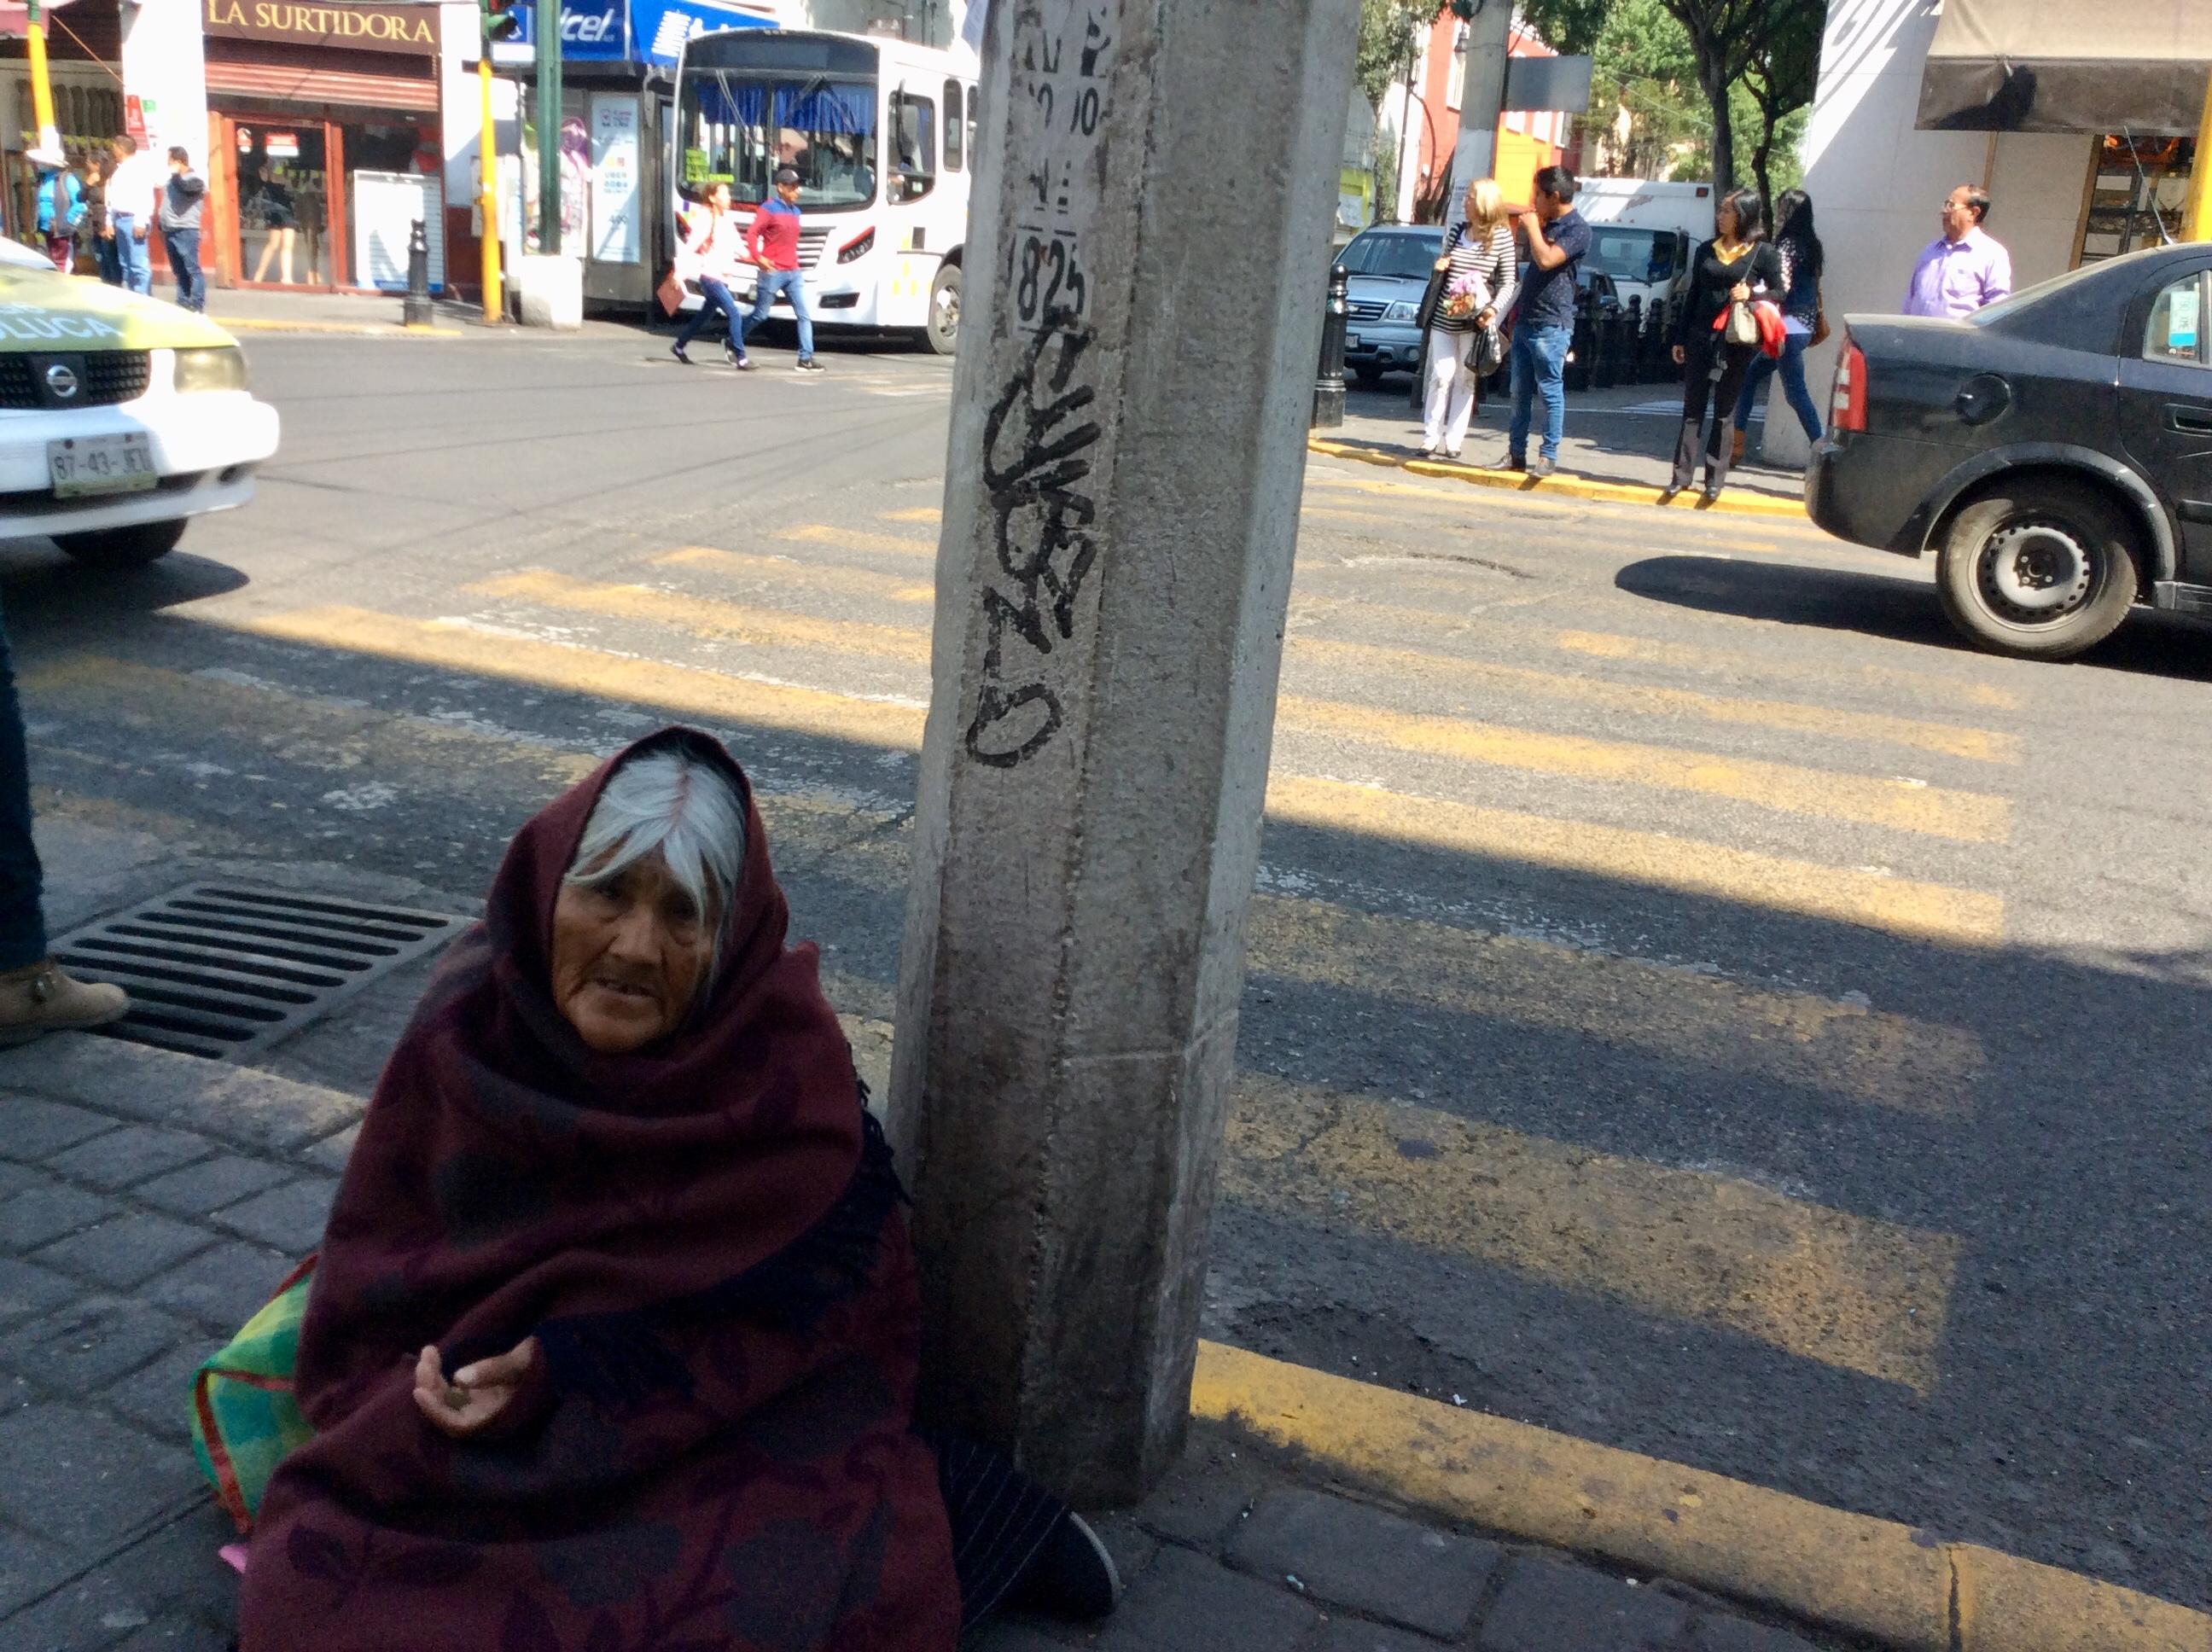 Pobreza enraizada en Edoméx, señala Coneval